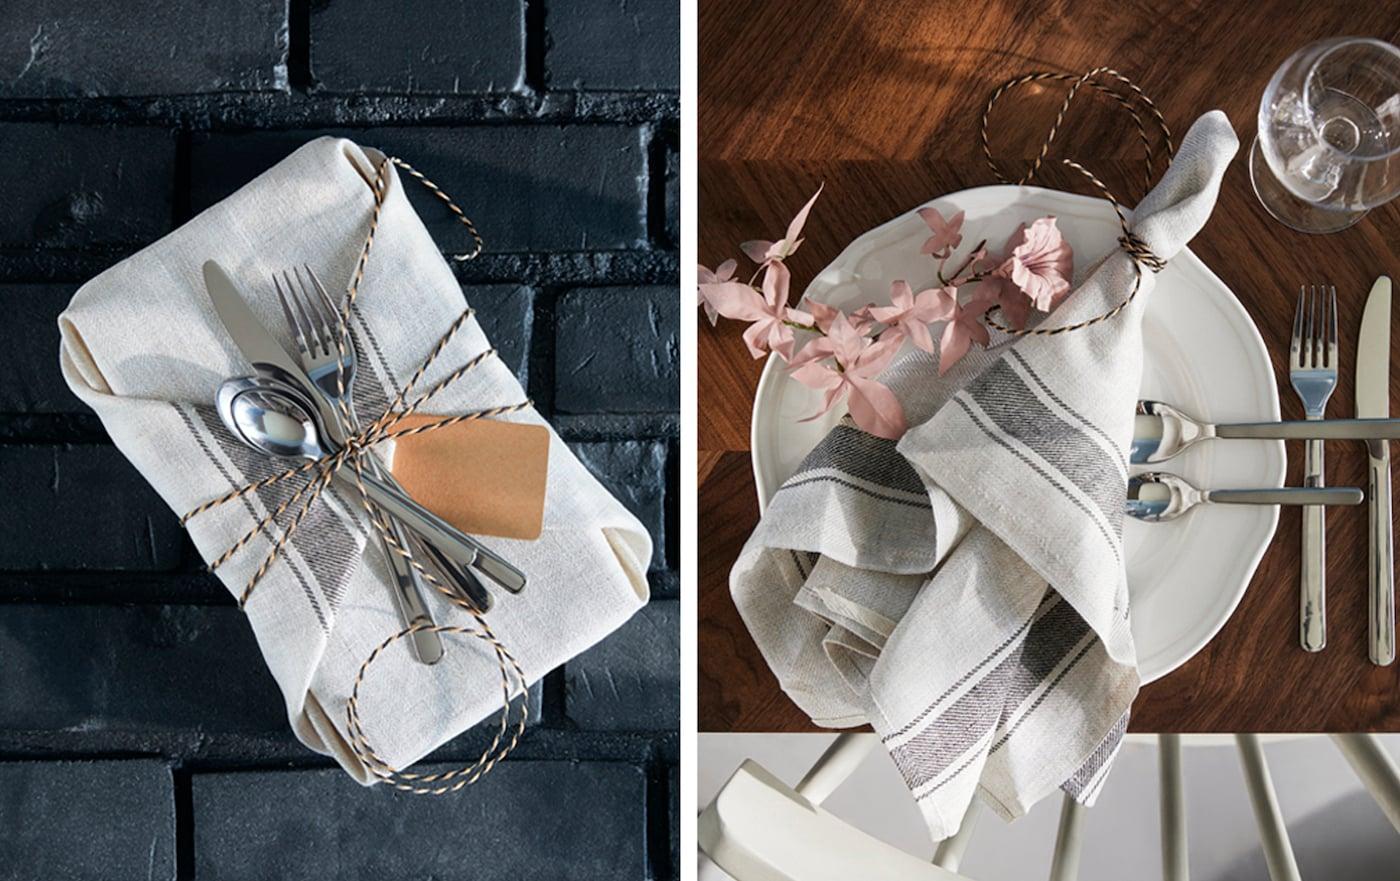 Ein Korb oder eine Box mit individuellen Geschenken, eingepackt in einem Geschirrtuch.